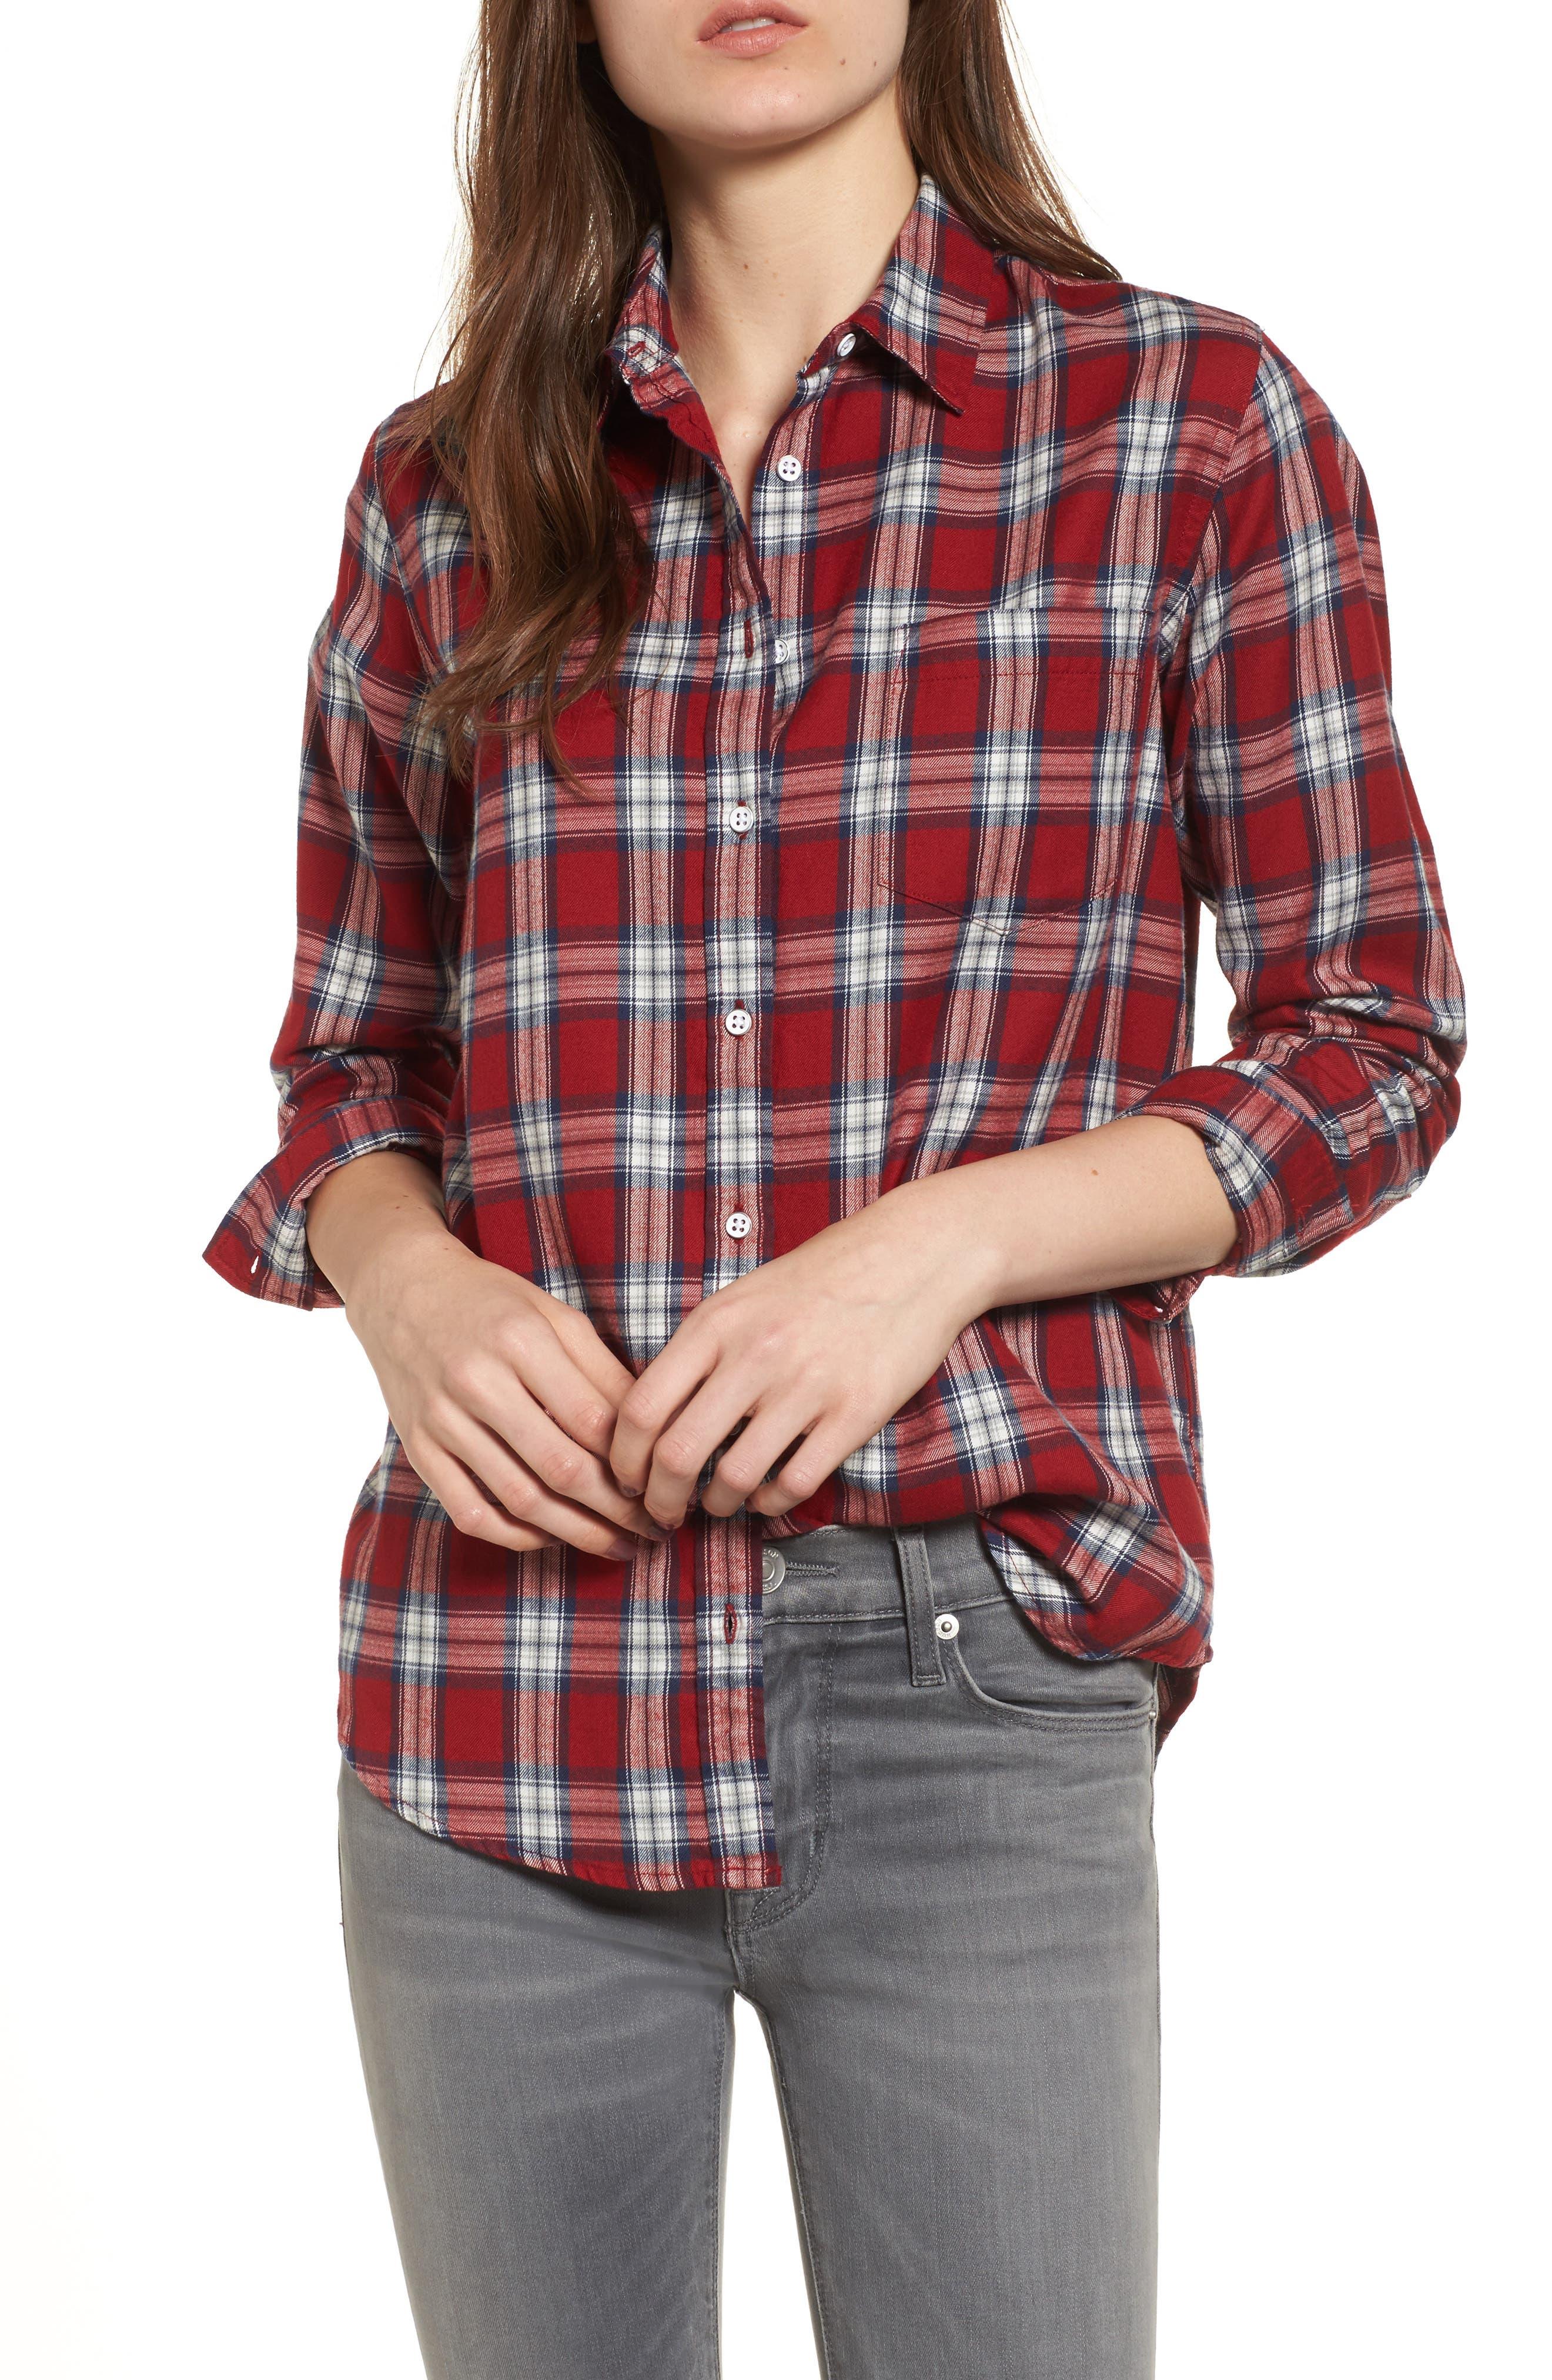 Main Image - DL1961 Mercer & Spring Plaid Shirt